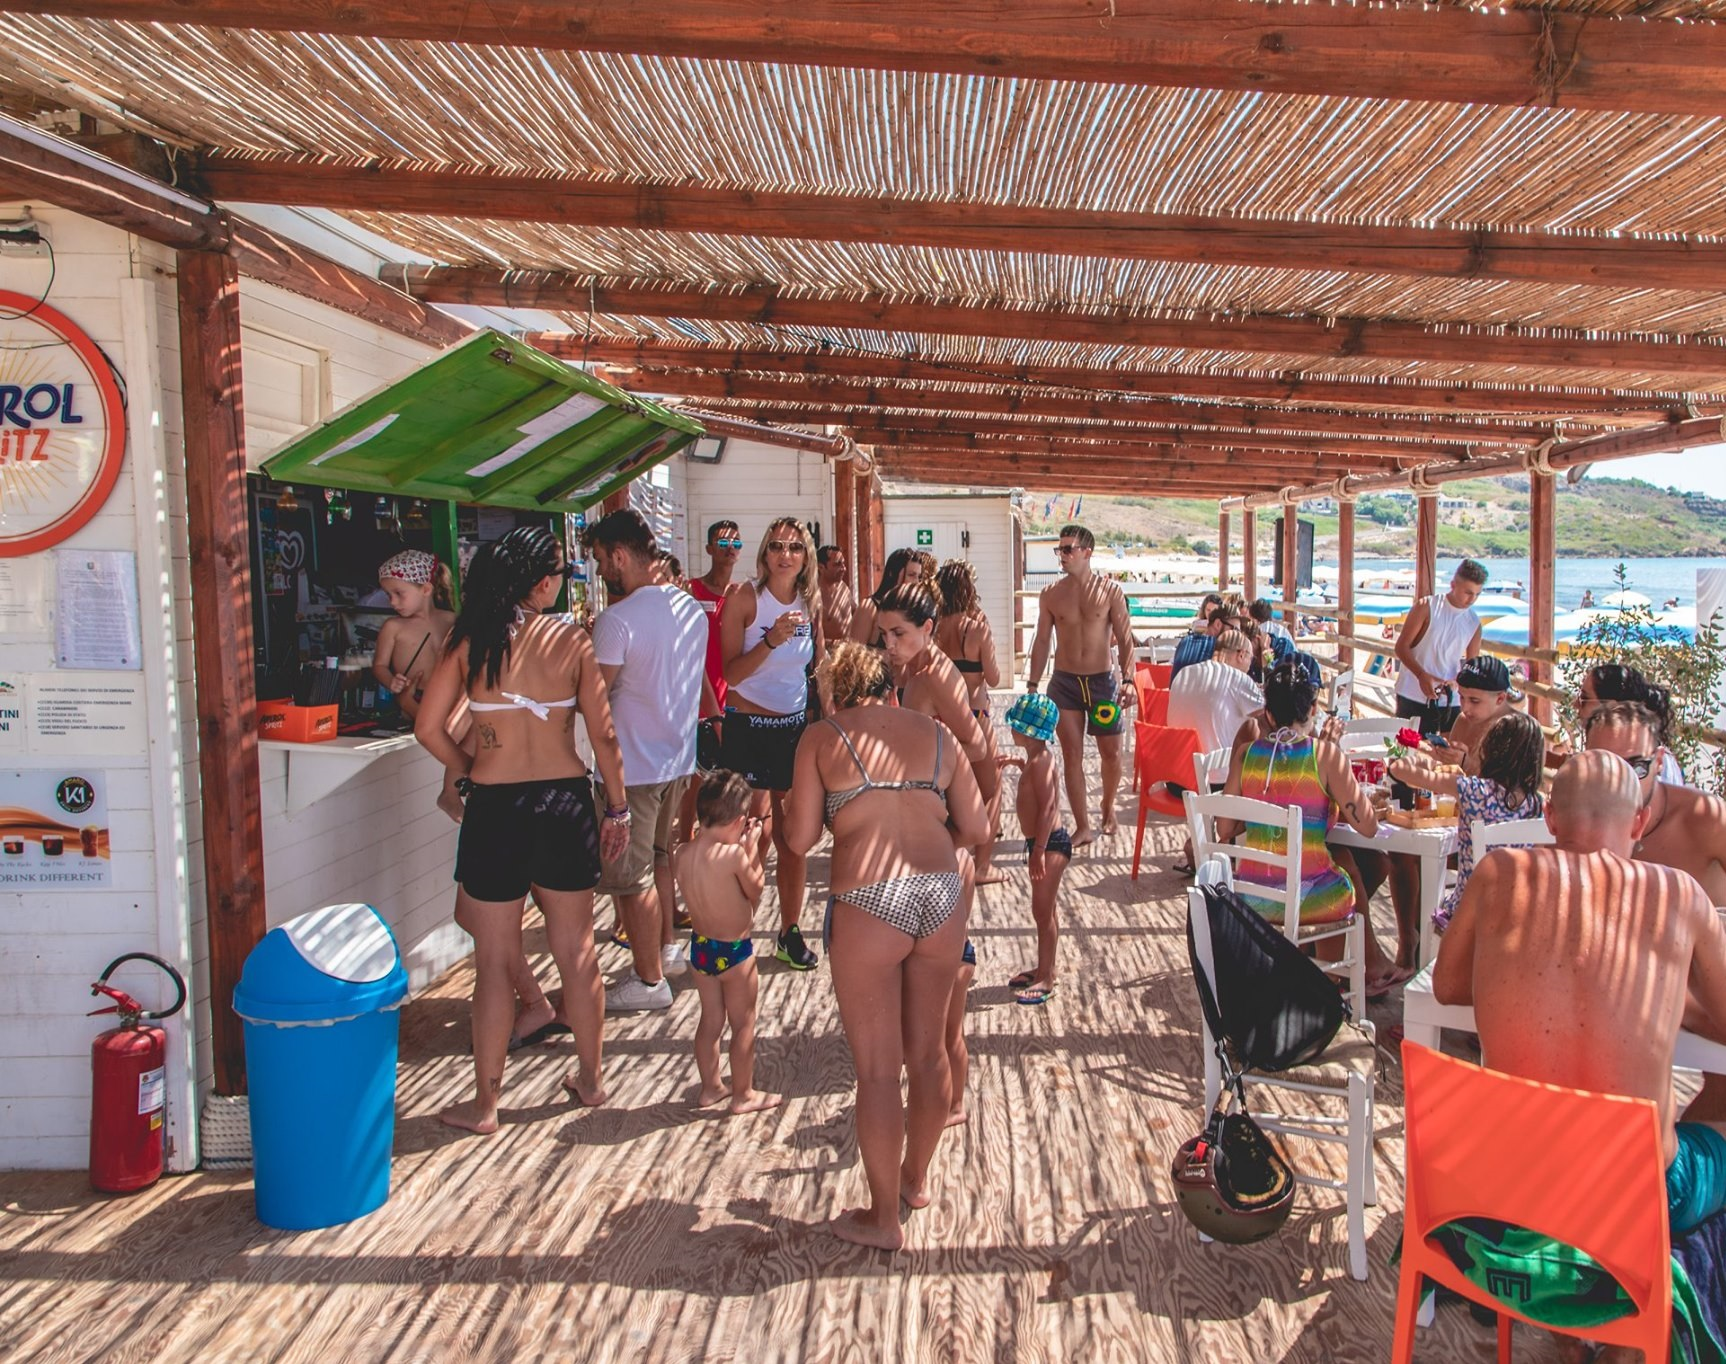 Snello Beach